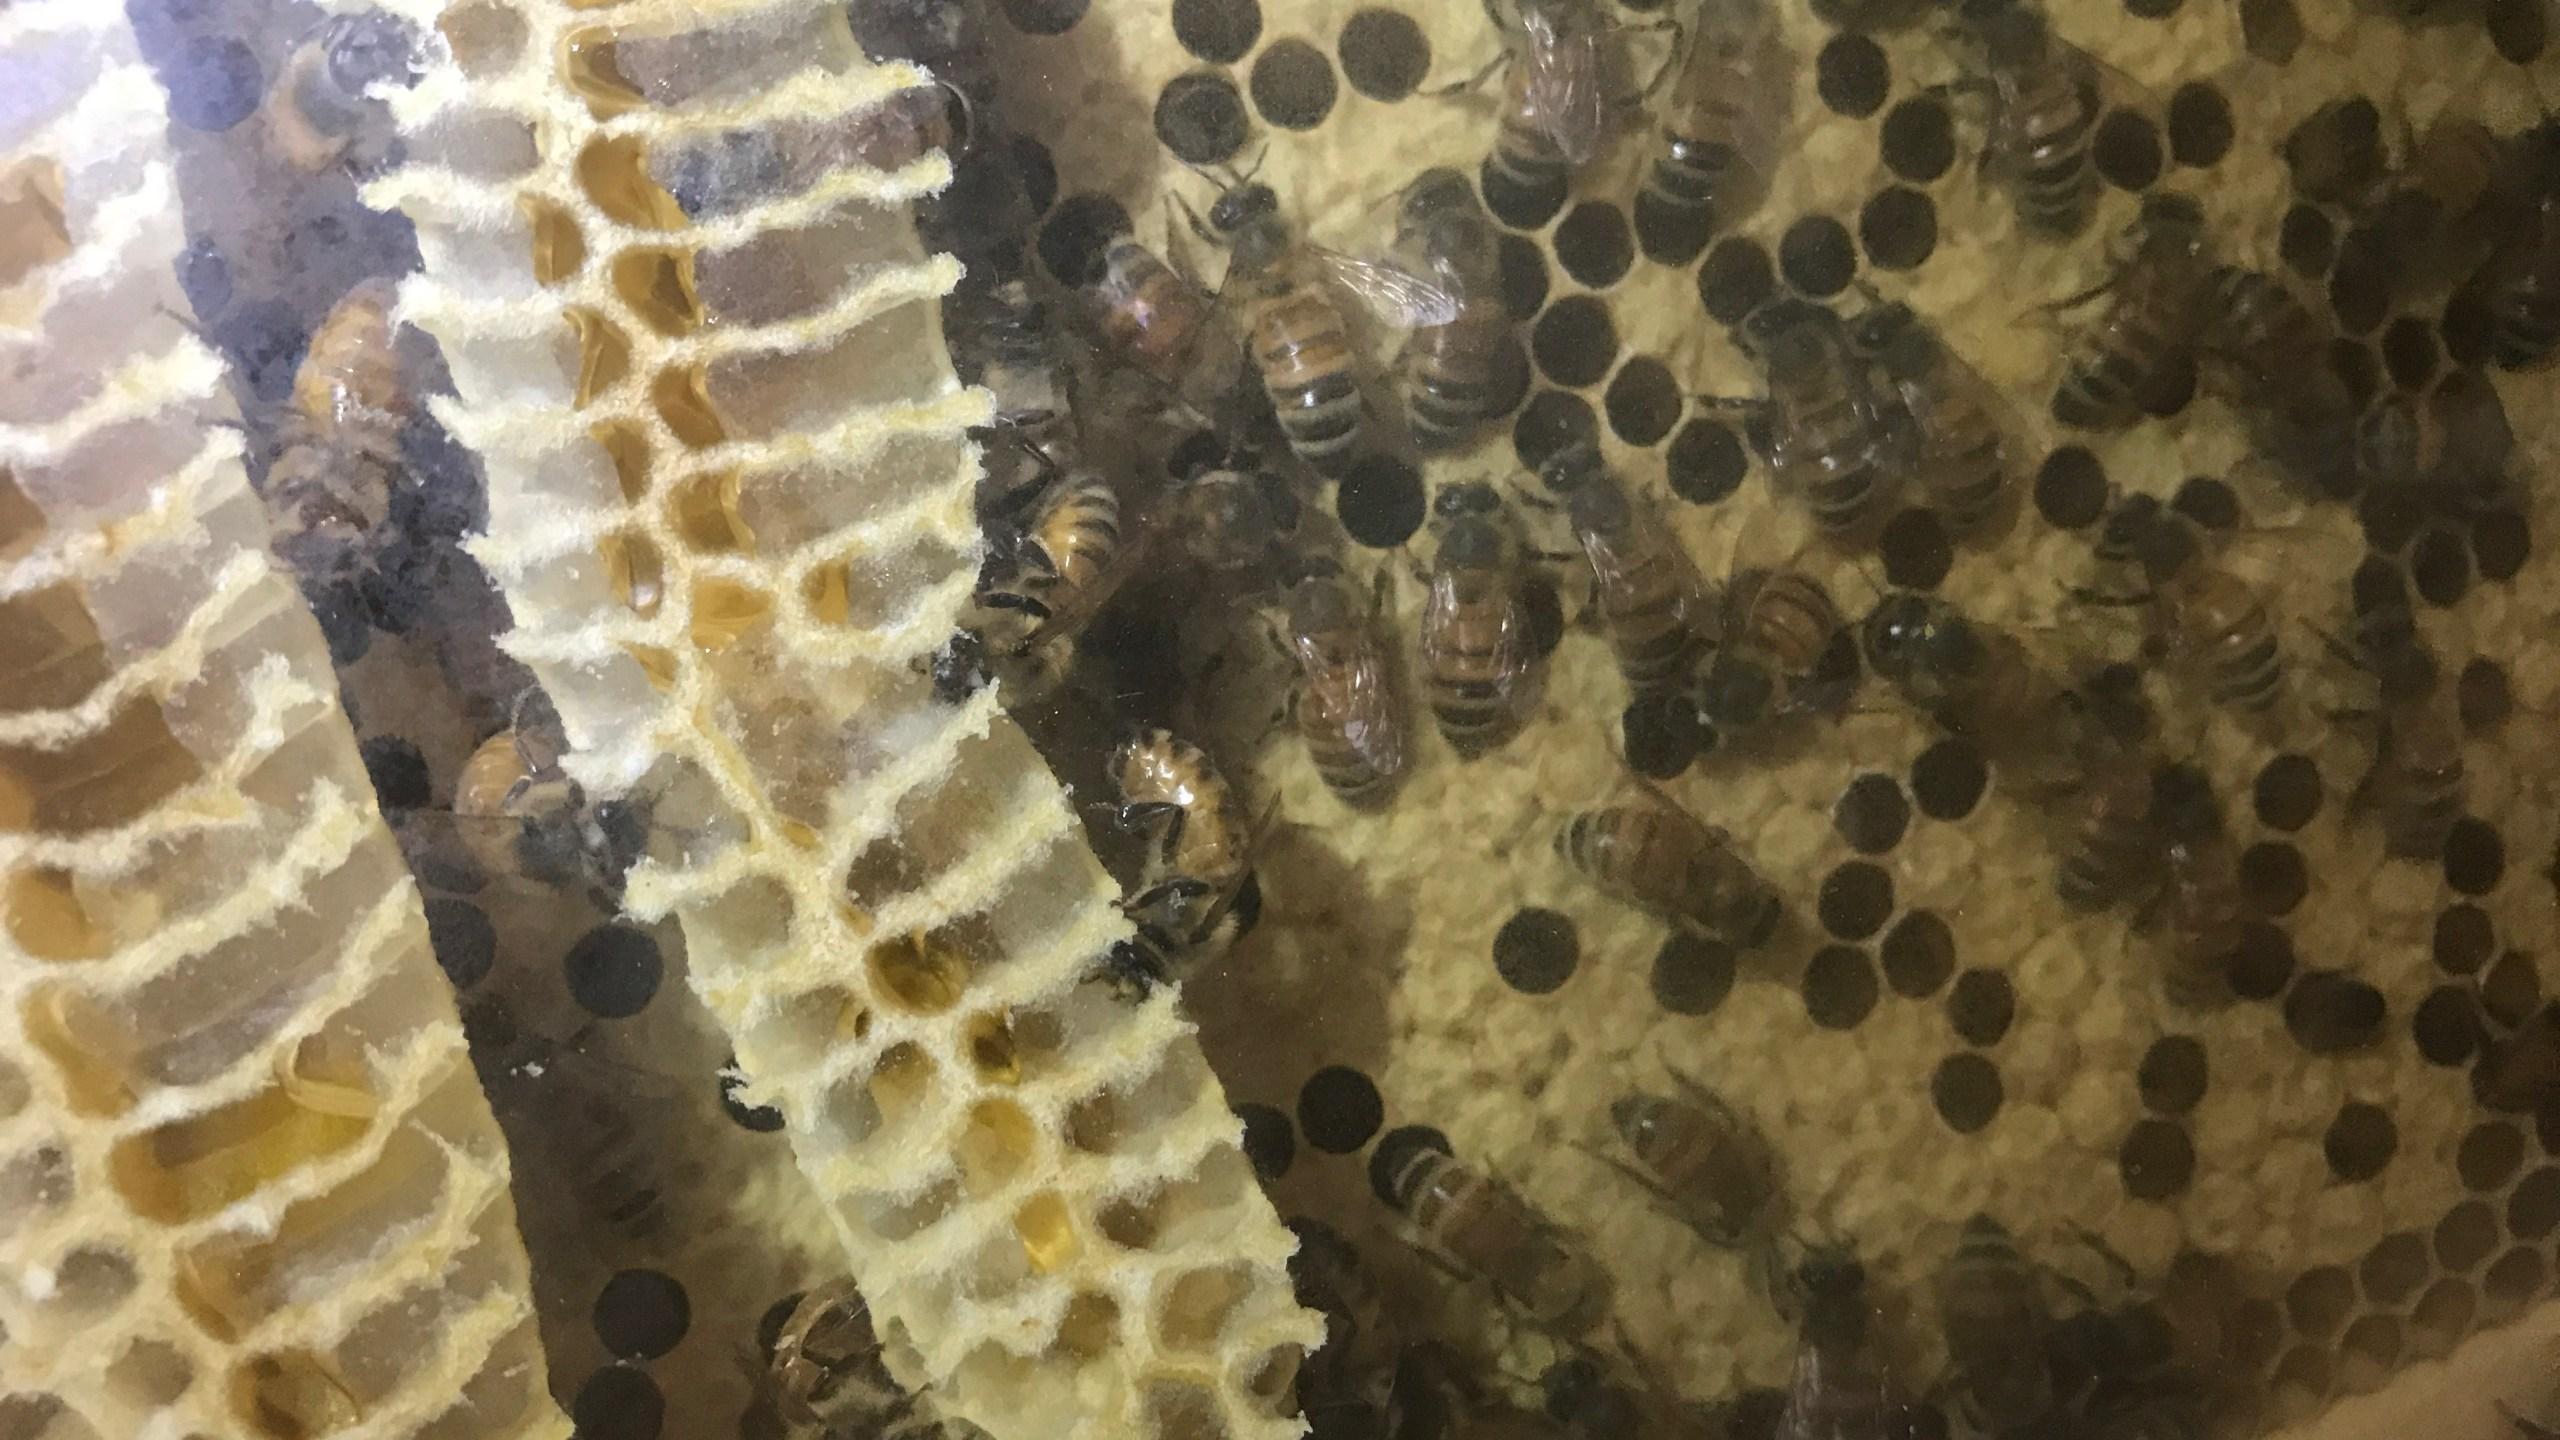 Tybee bees_260191